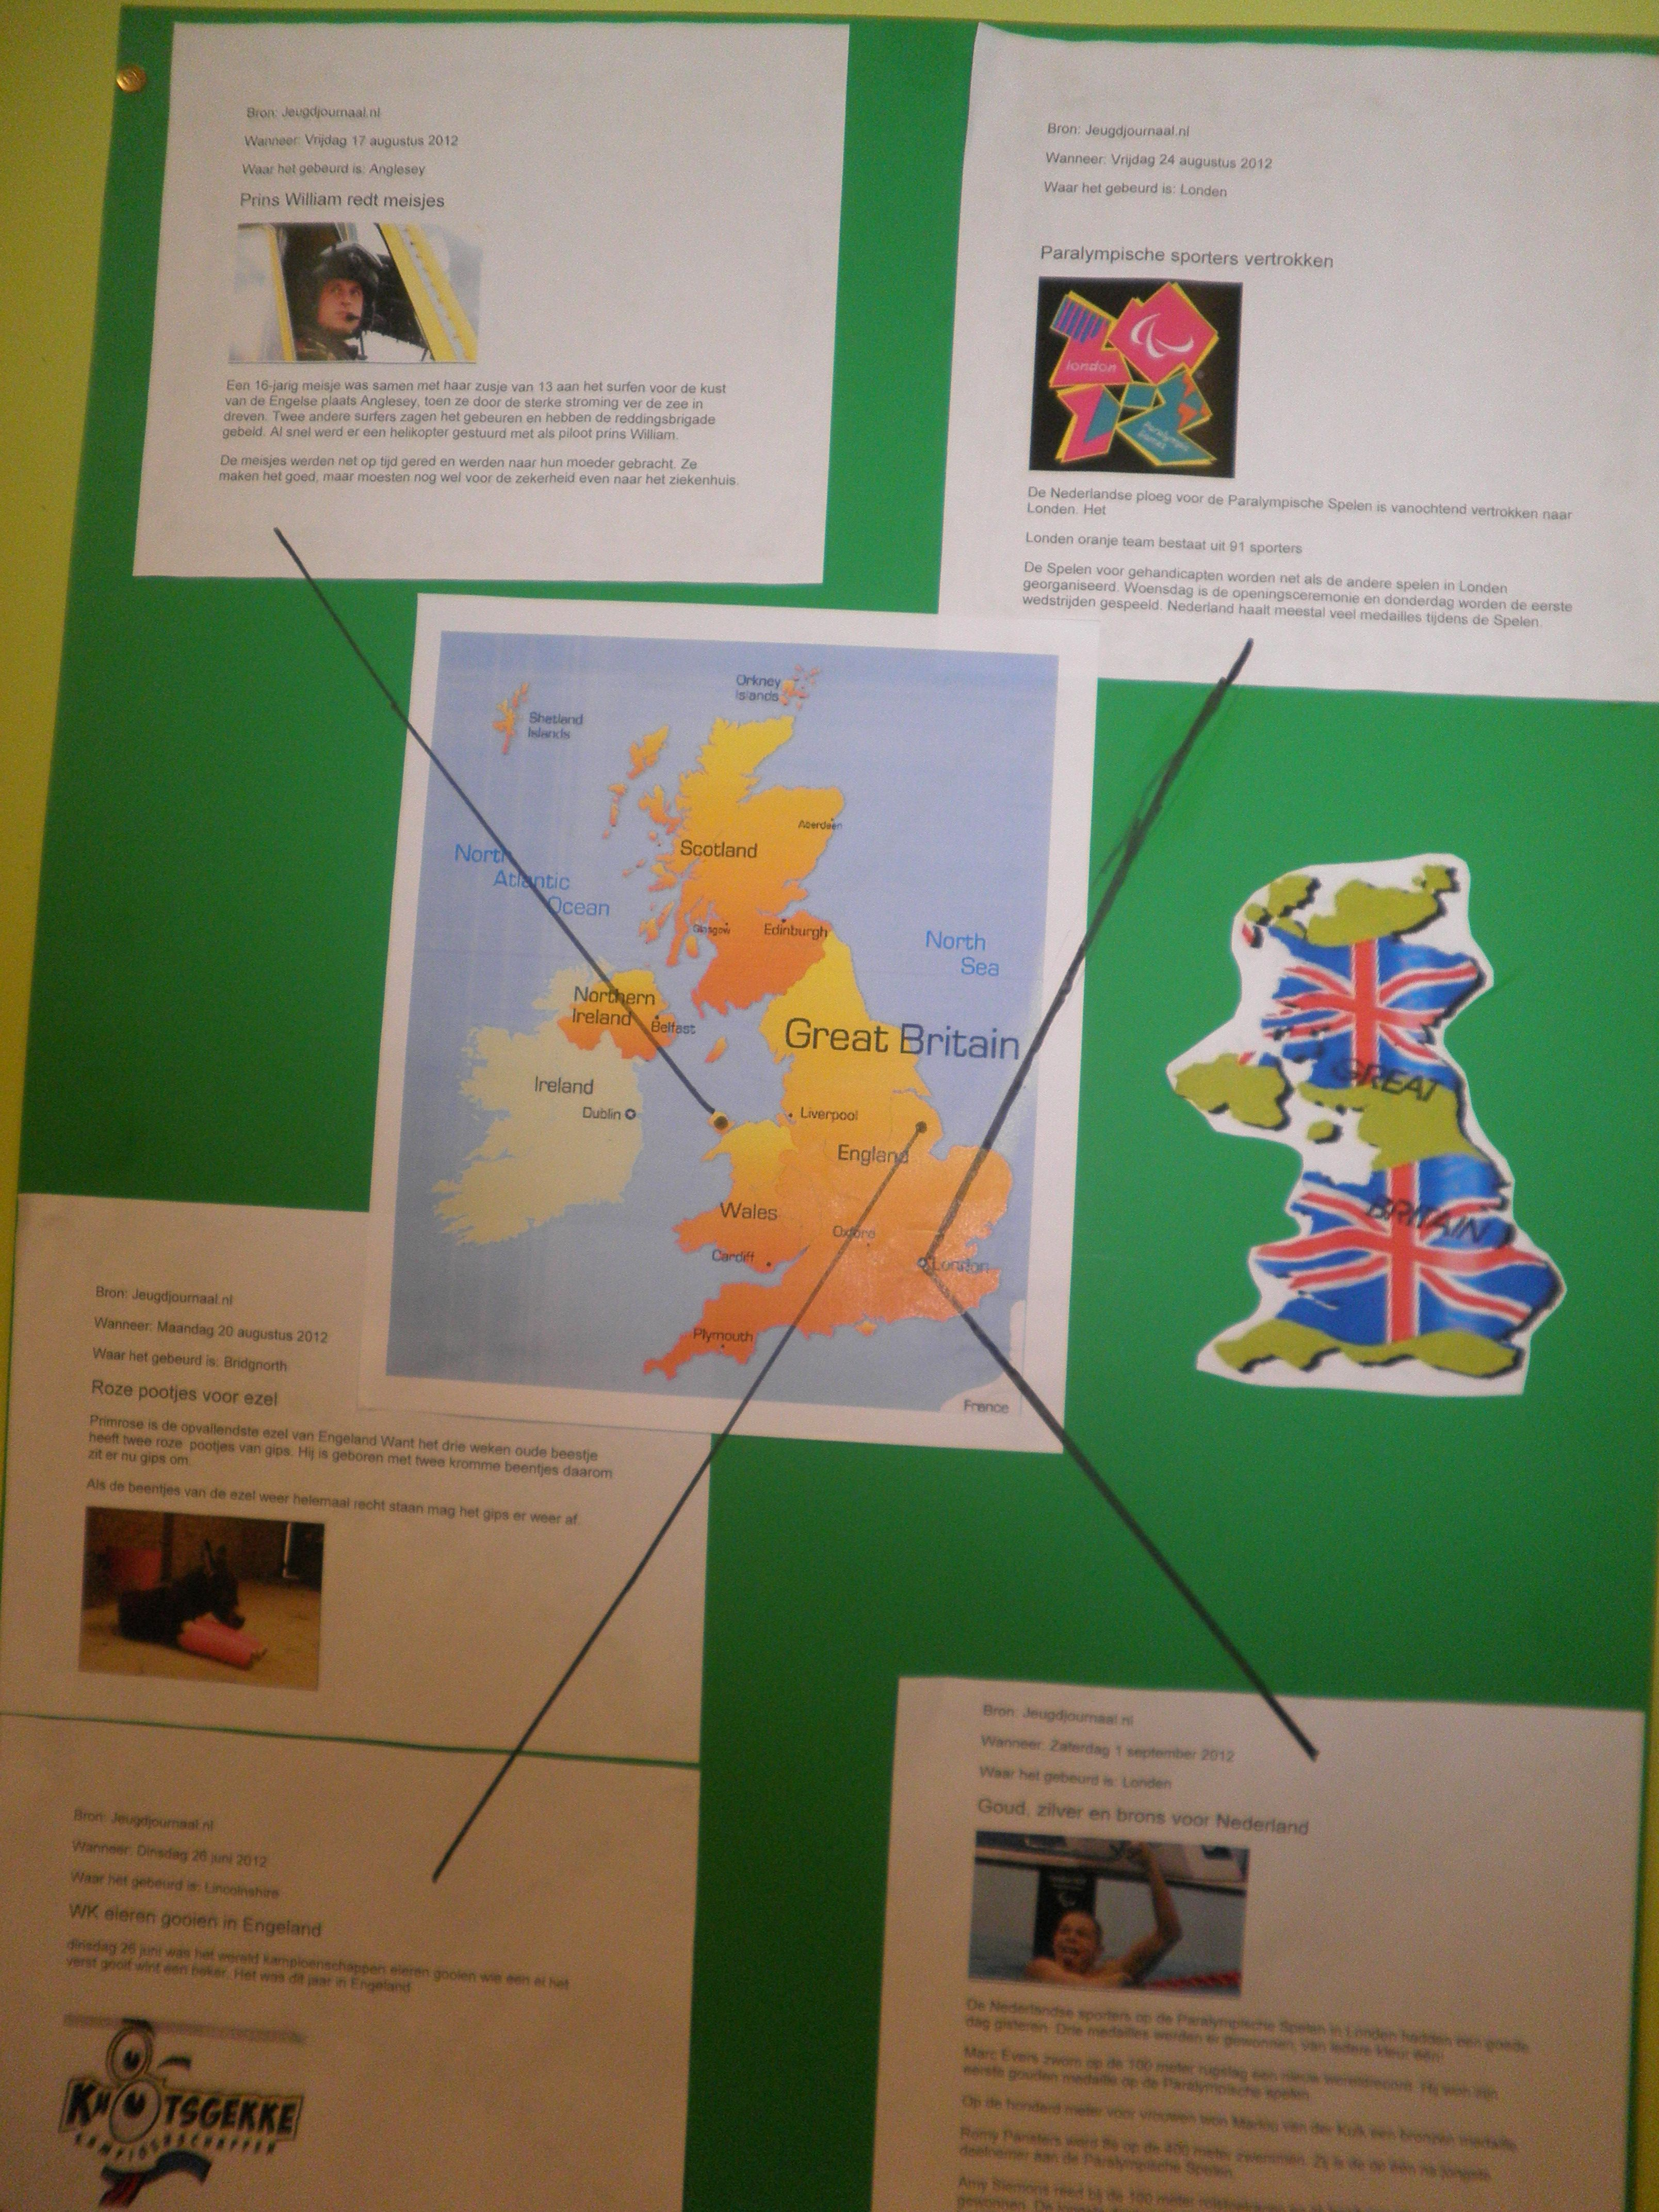 Spiksplinternieuw Muurkrant (met afbeeldingen)   Aardrijkskunde, Europa, Projecten ZA-63